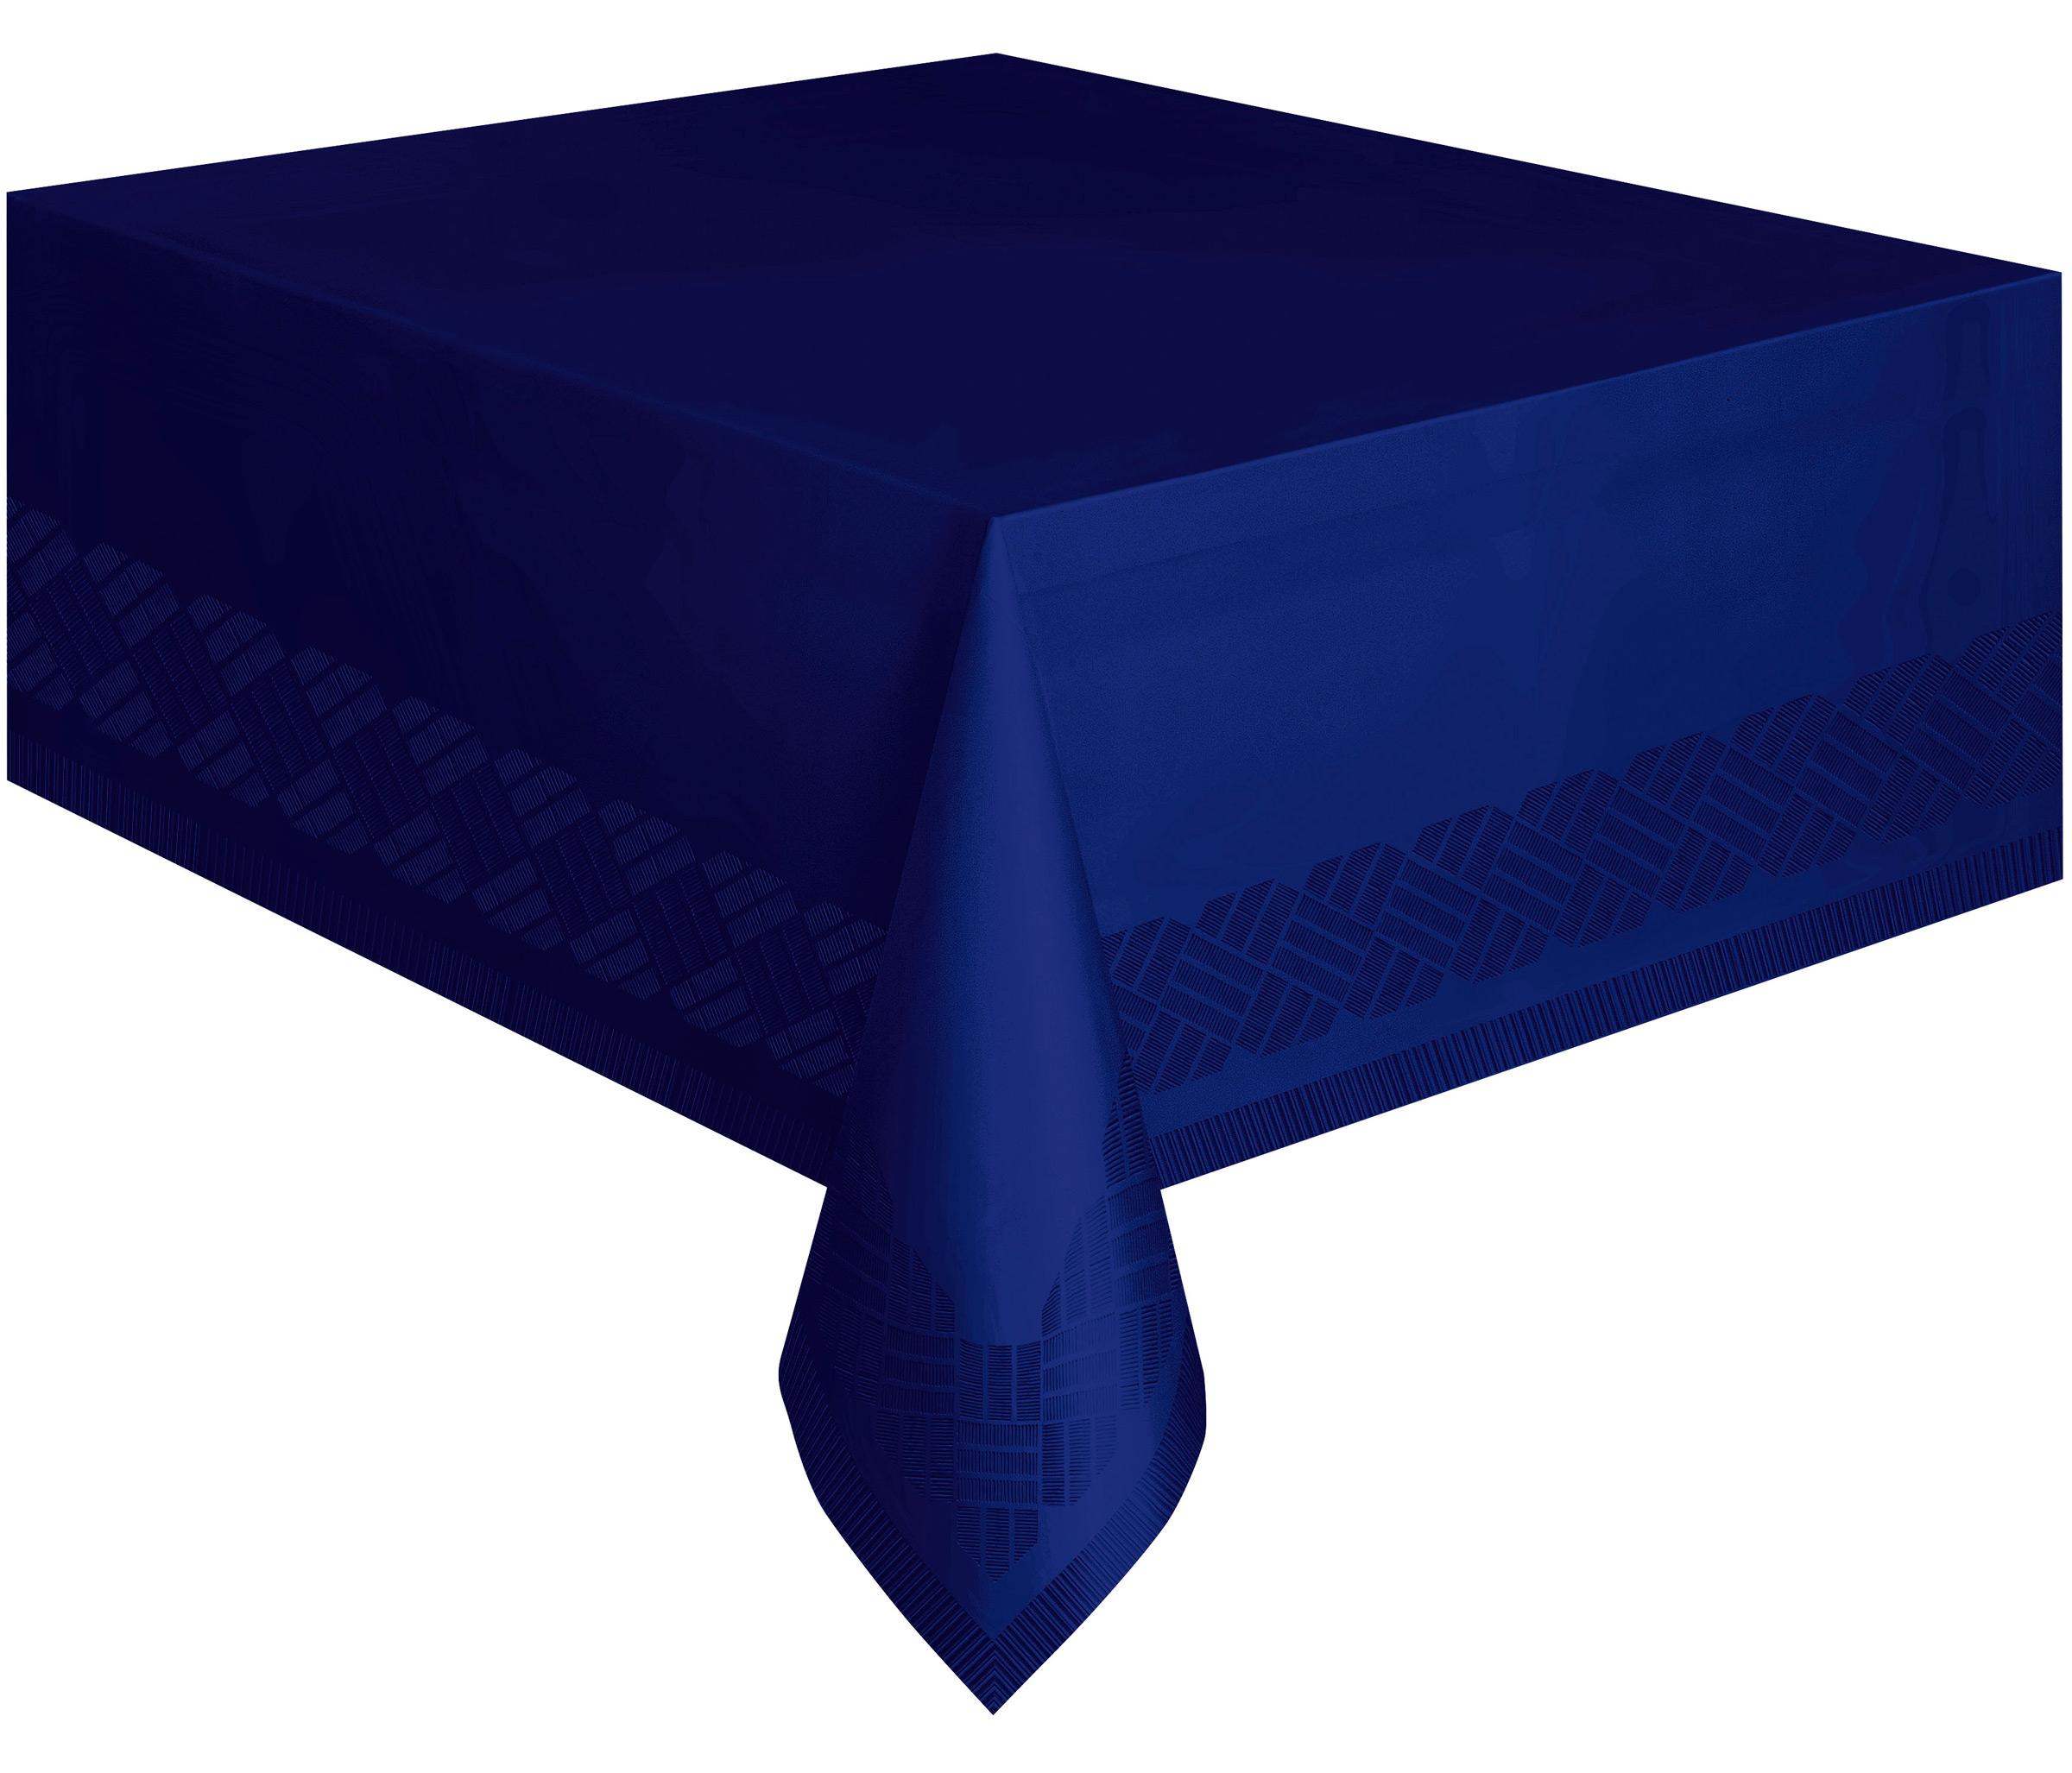 nappe en papier bleu marine doubl e en plastique 137 x 274 cm d coration anniversaire et f tes. Black Bedroom Furniture Sets. Home Design Ideas